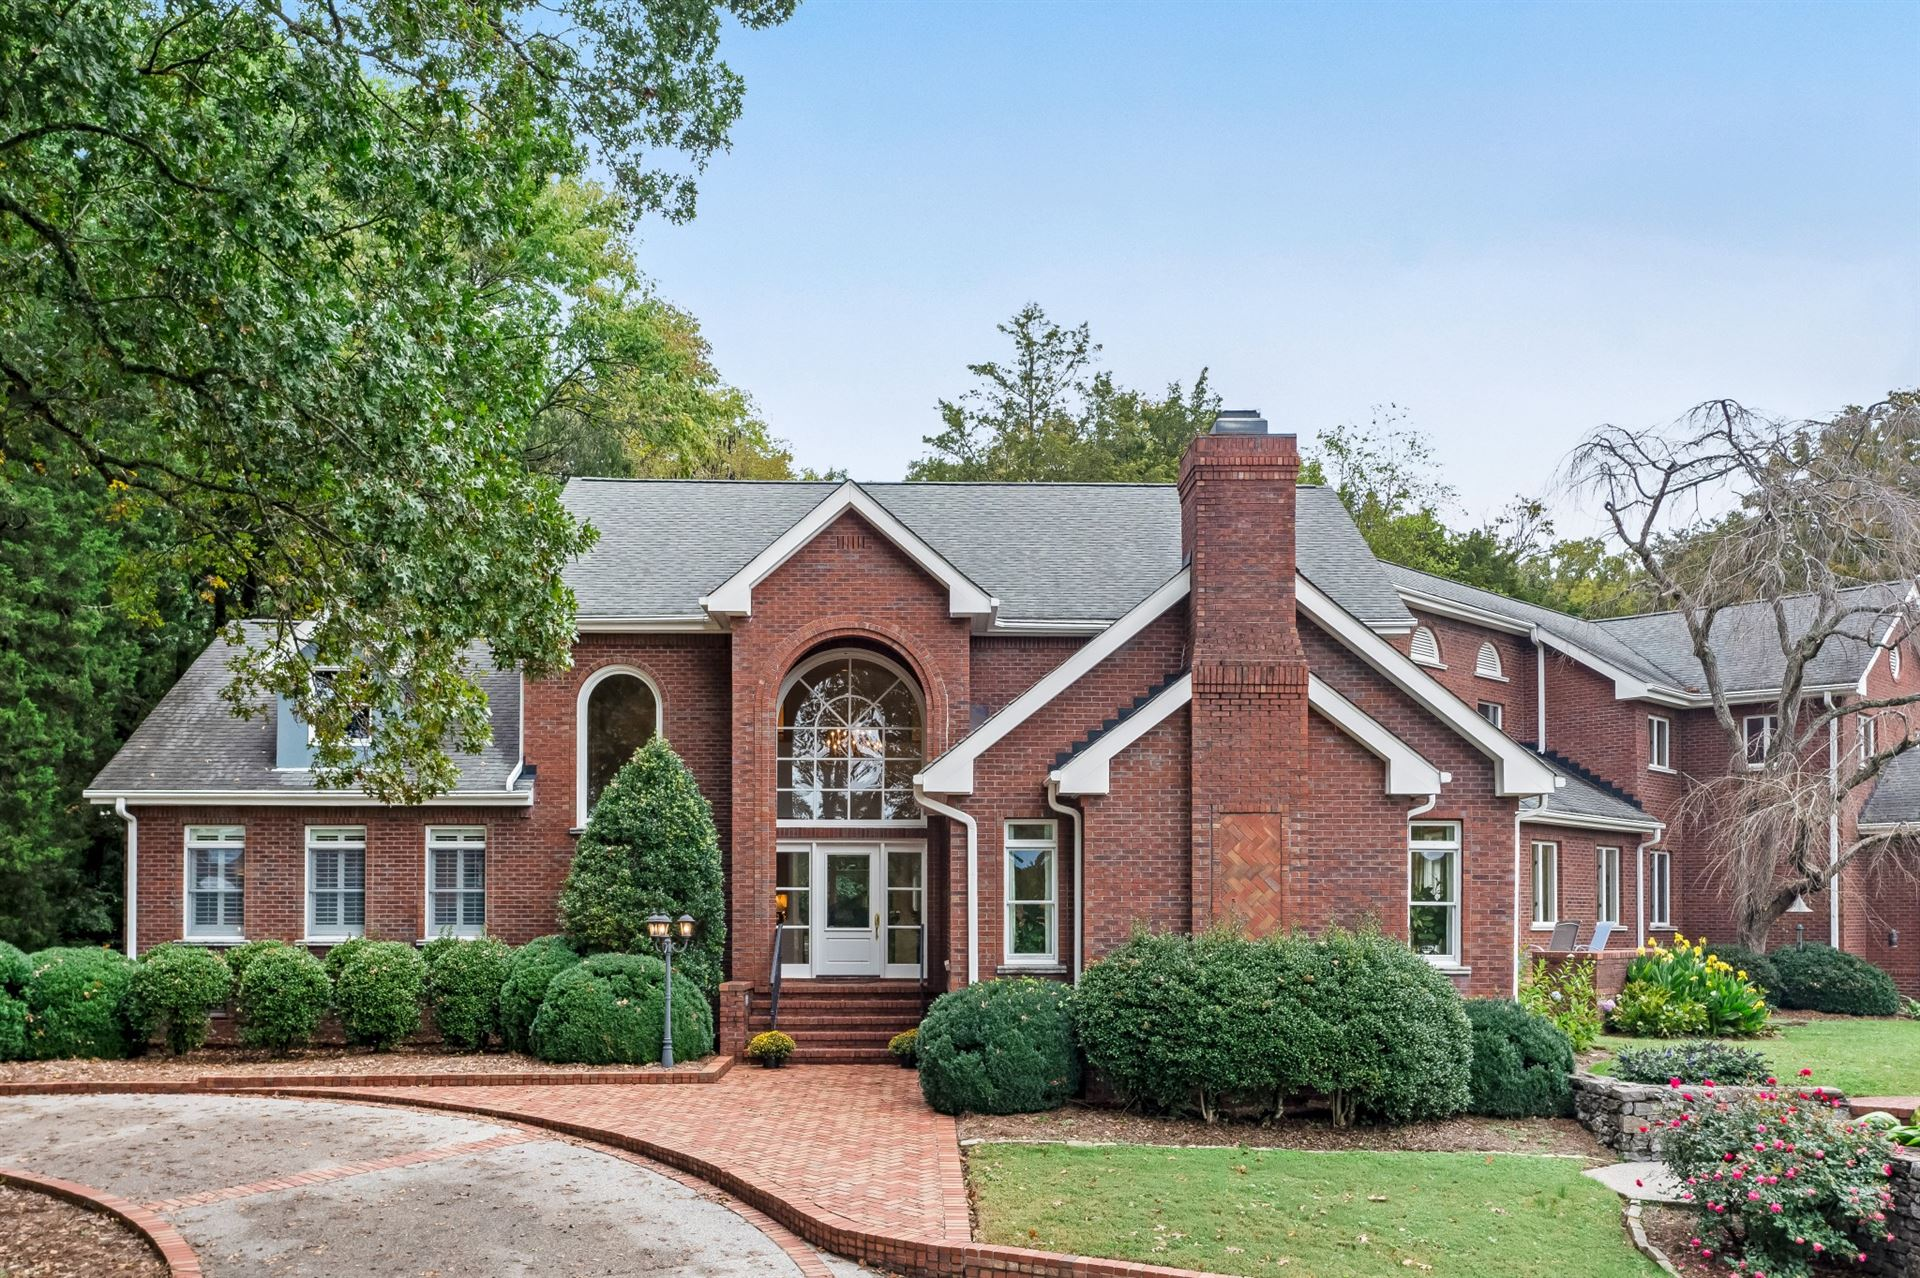 217 Chapelwood Dr, Franklin, TN 37069 - MLS#: 2298423